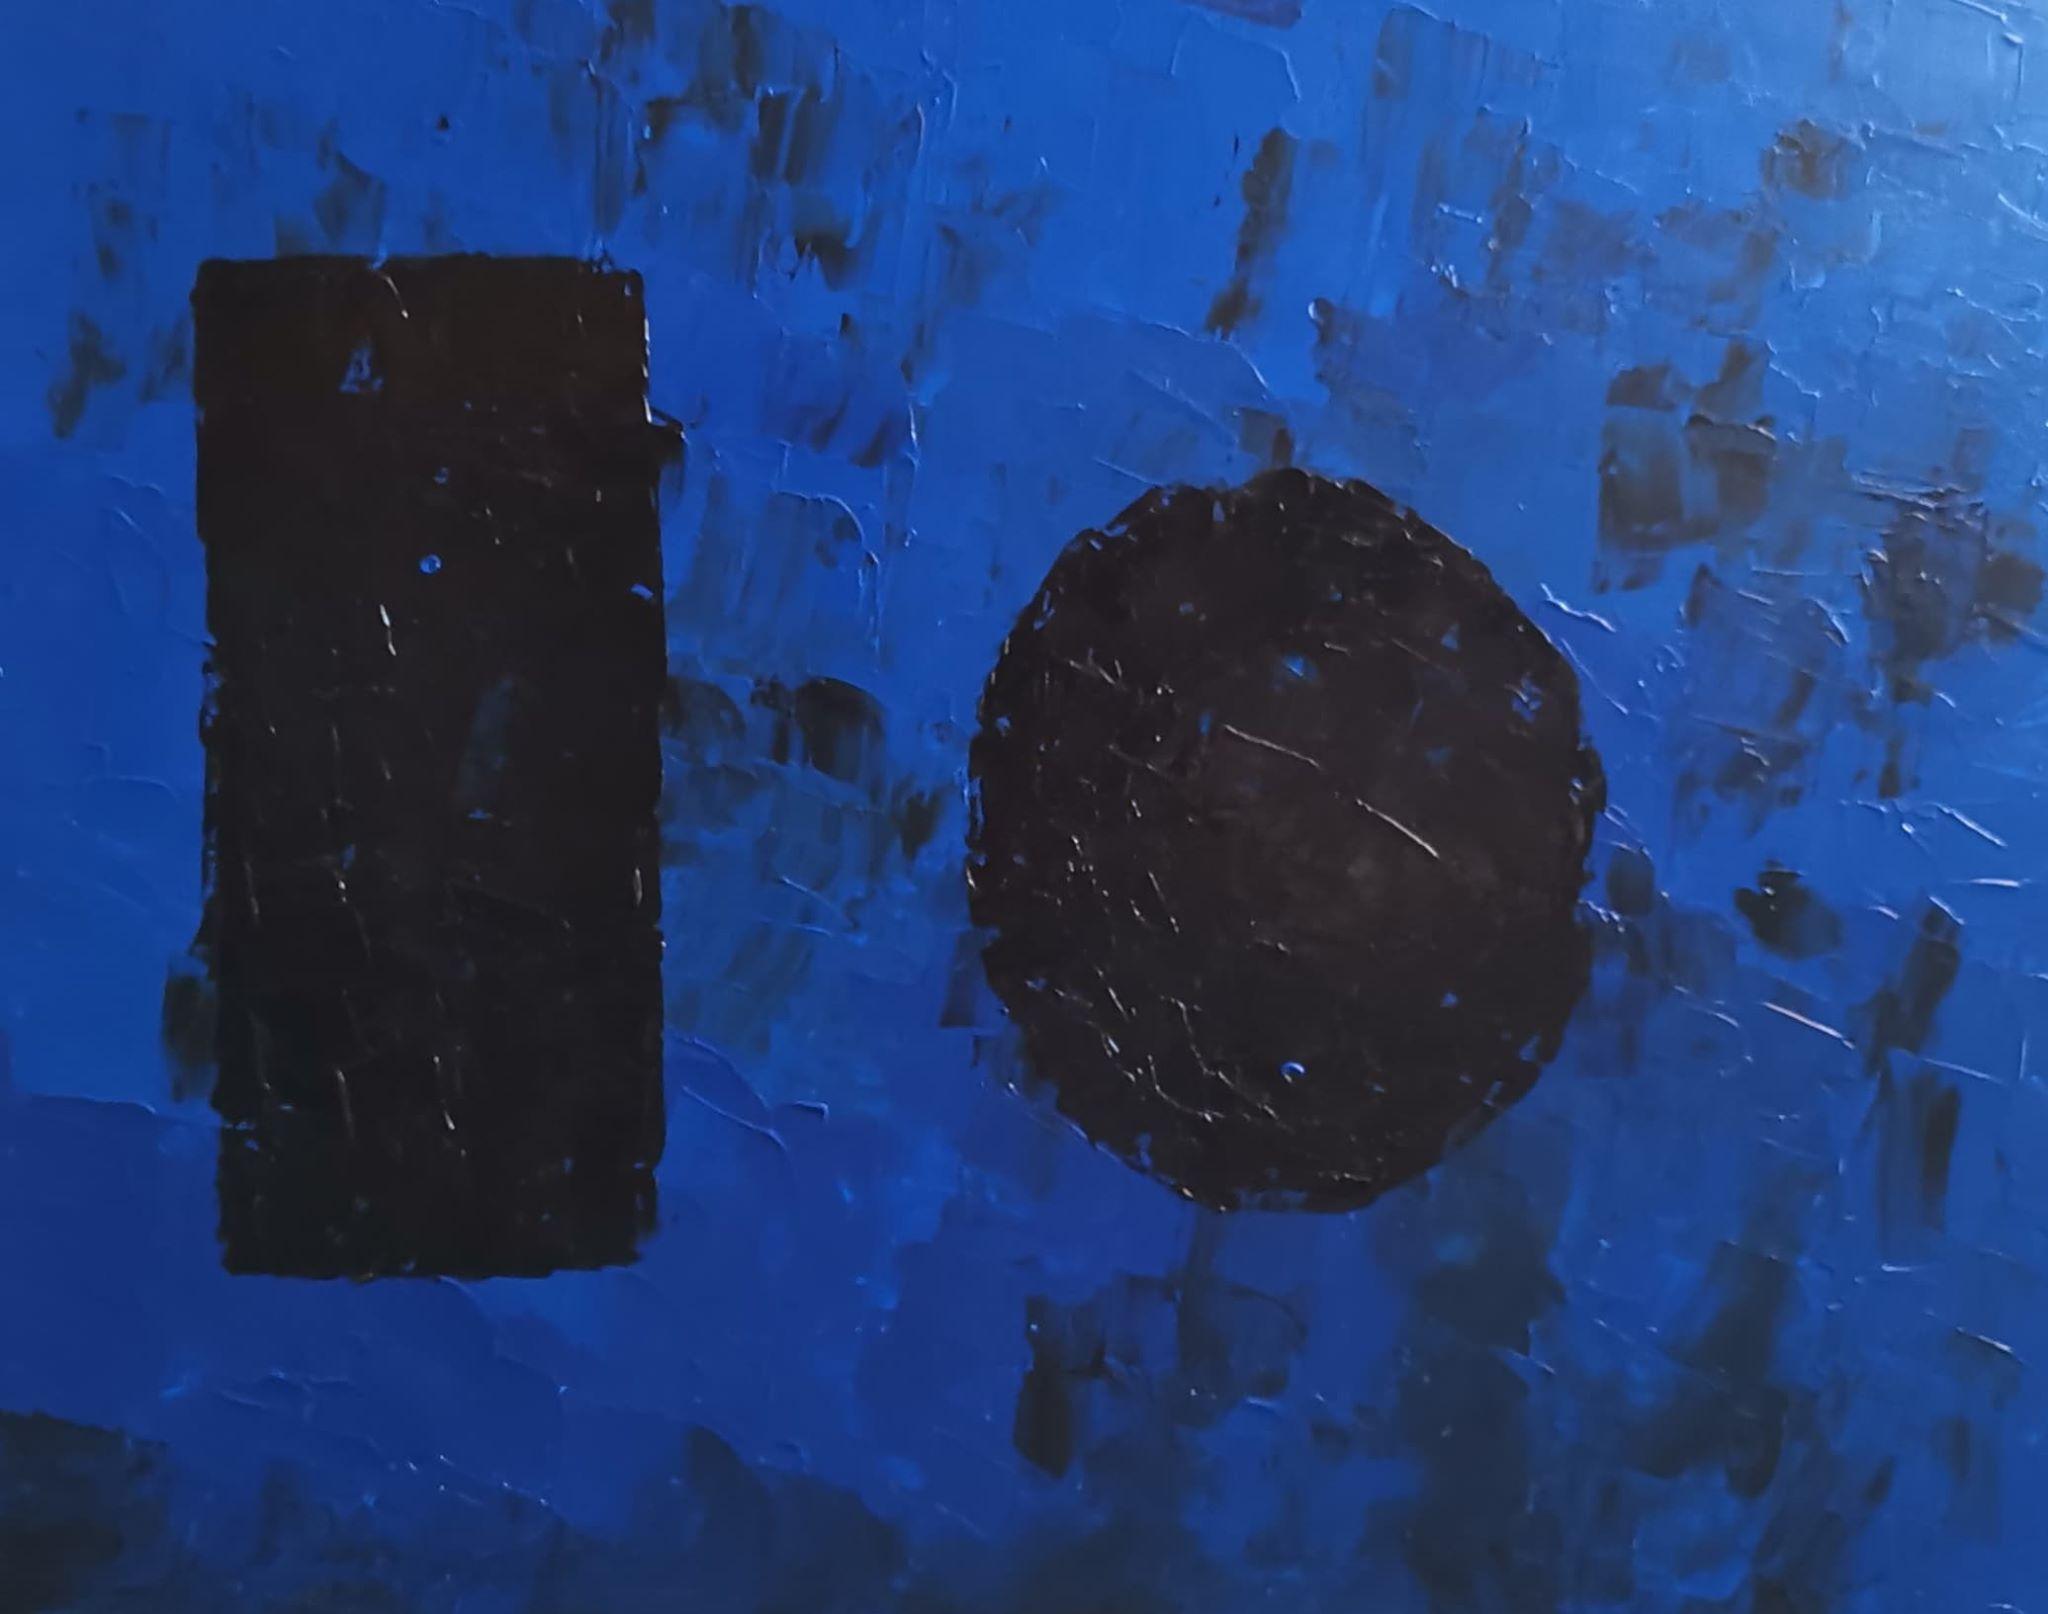 Grands monolithes sur fond bleu